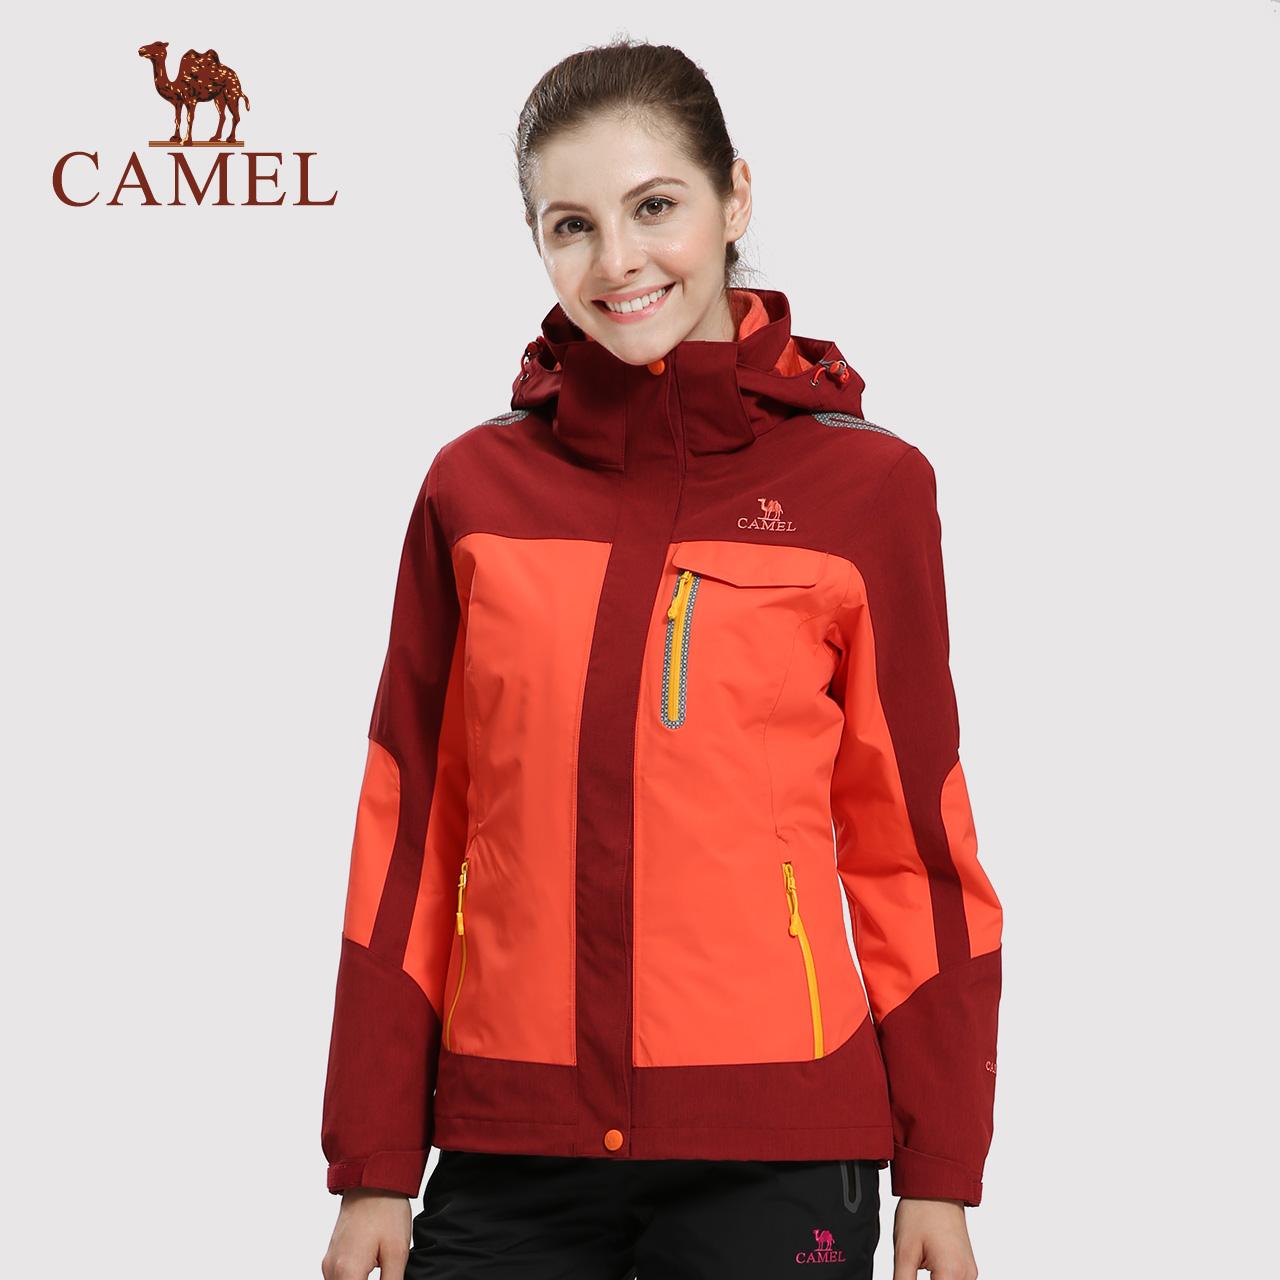 CAMEL骆驼户外 冲锋衣 女款 防风防水两件套三合一冲锋衣 登山服